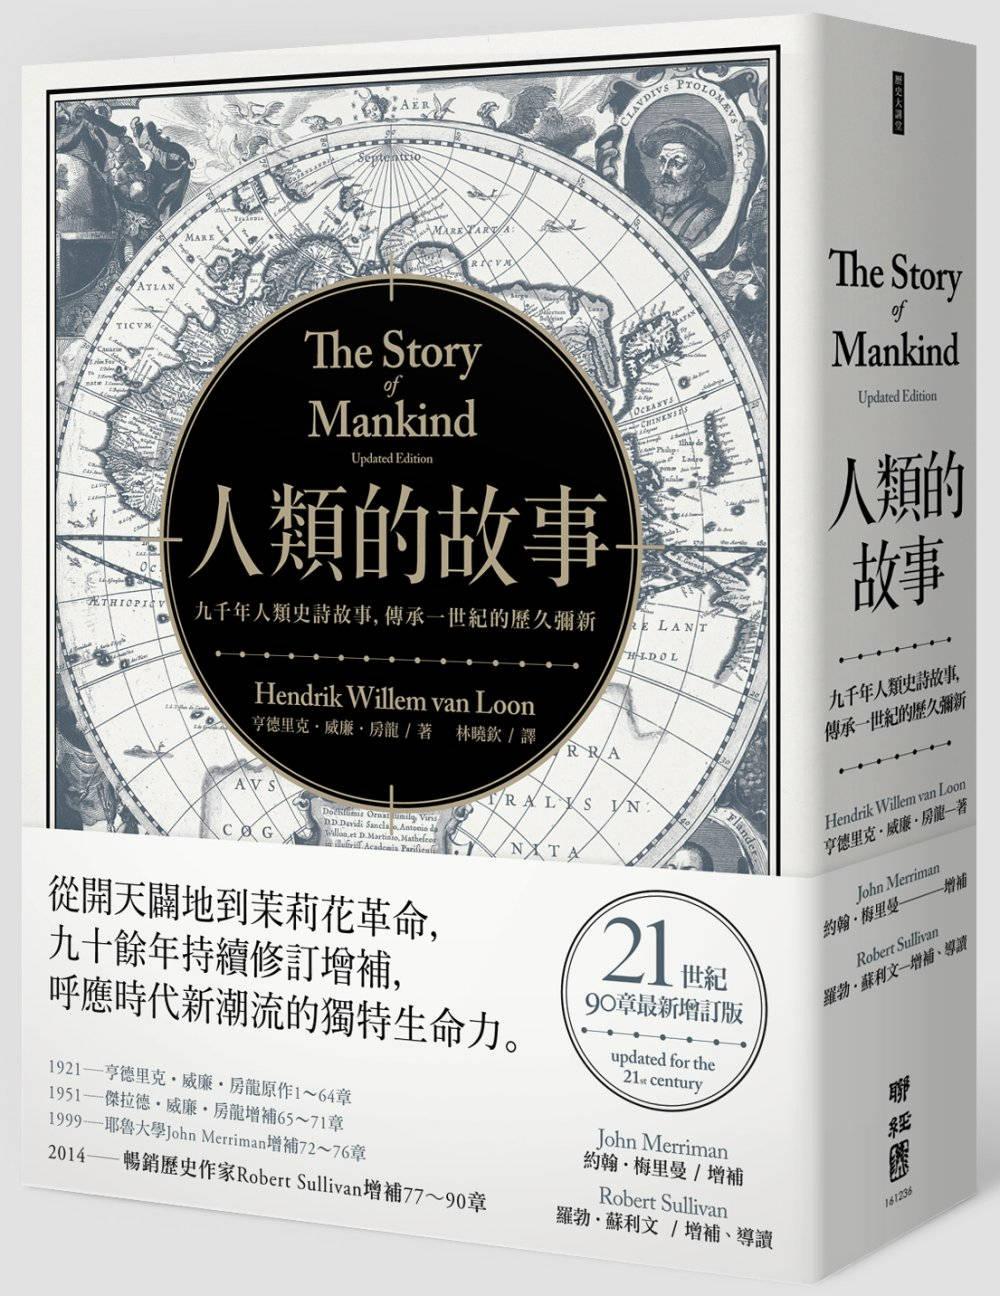 人類的故事(房龍經典名著,21世紀90章最新增訂)【獨家限量書盒版】